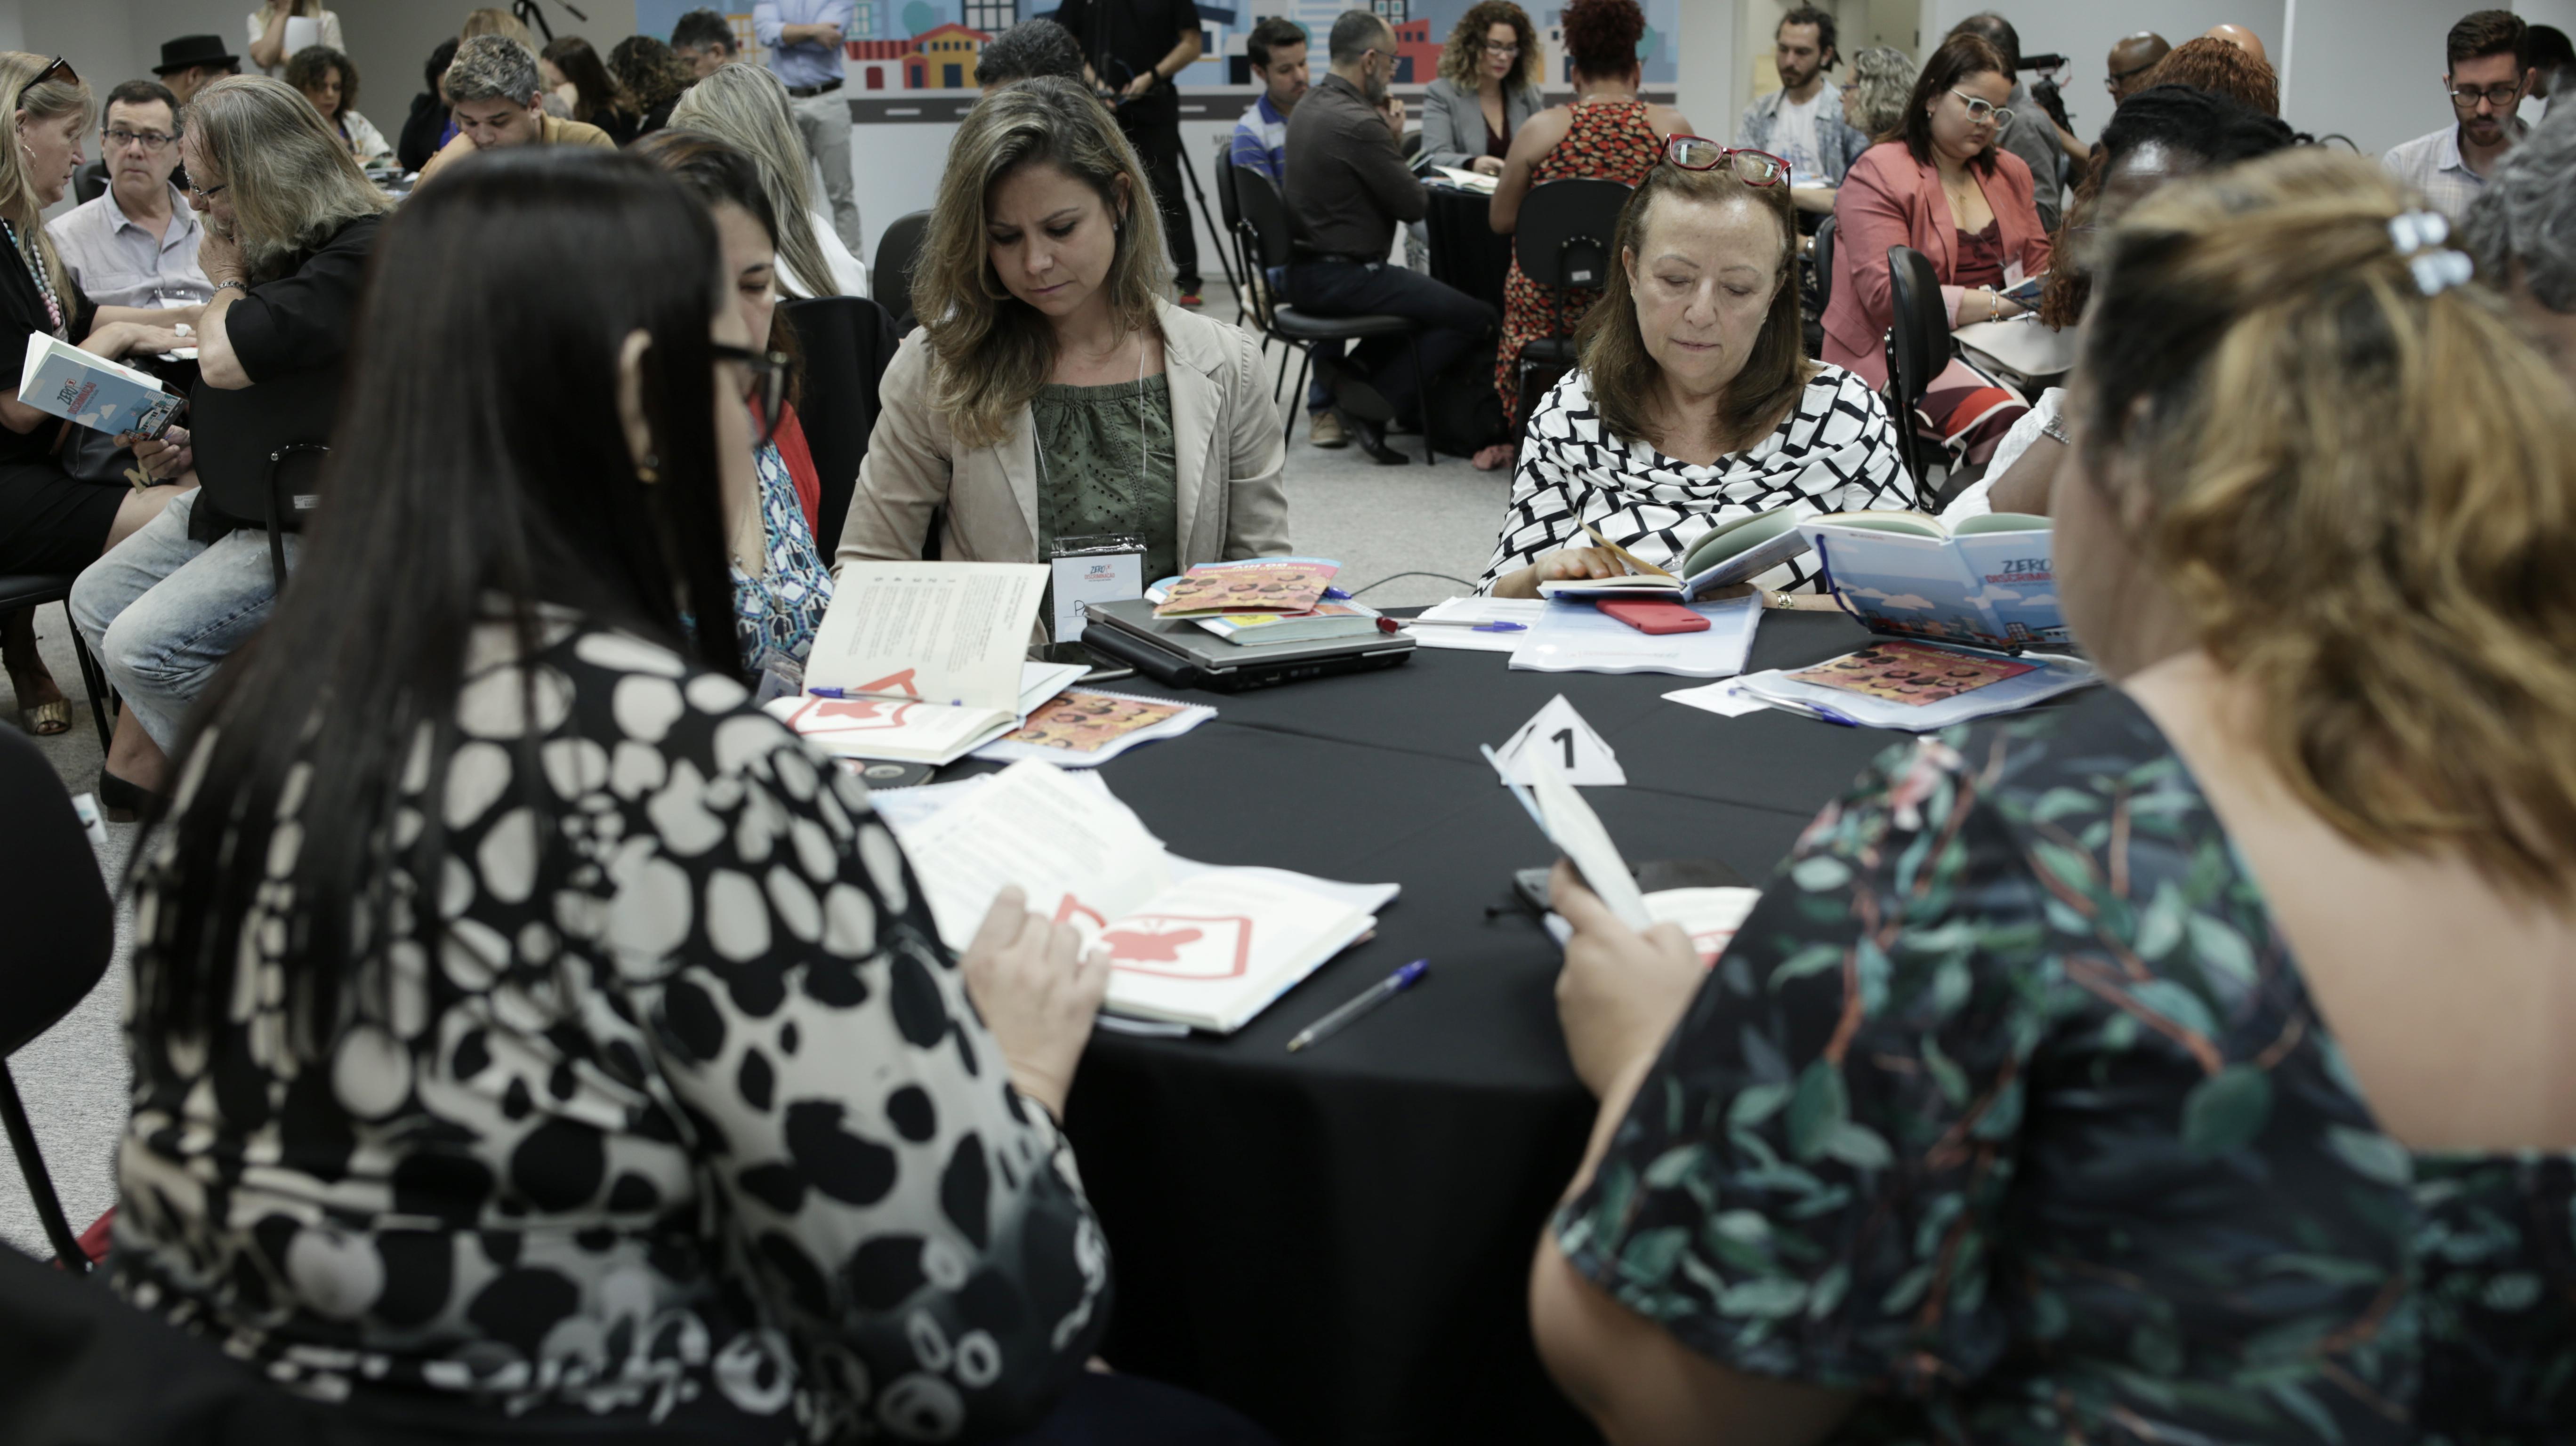 Participantes trabalharam em grupos para definir o que caracteriza um serviço Zero Discriminação